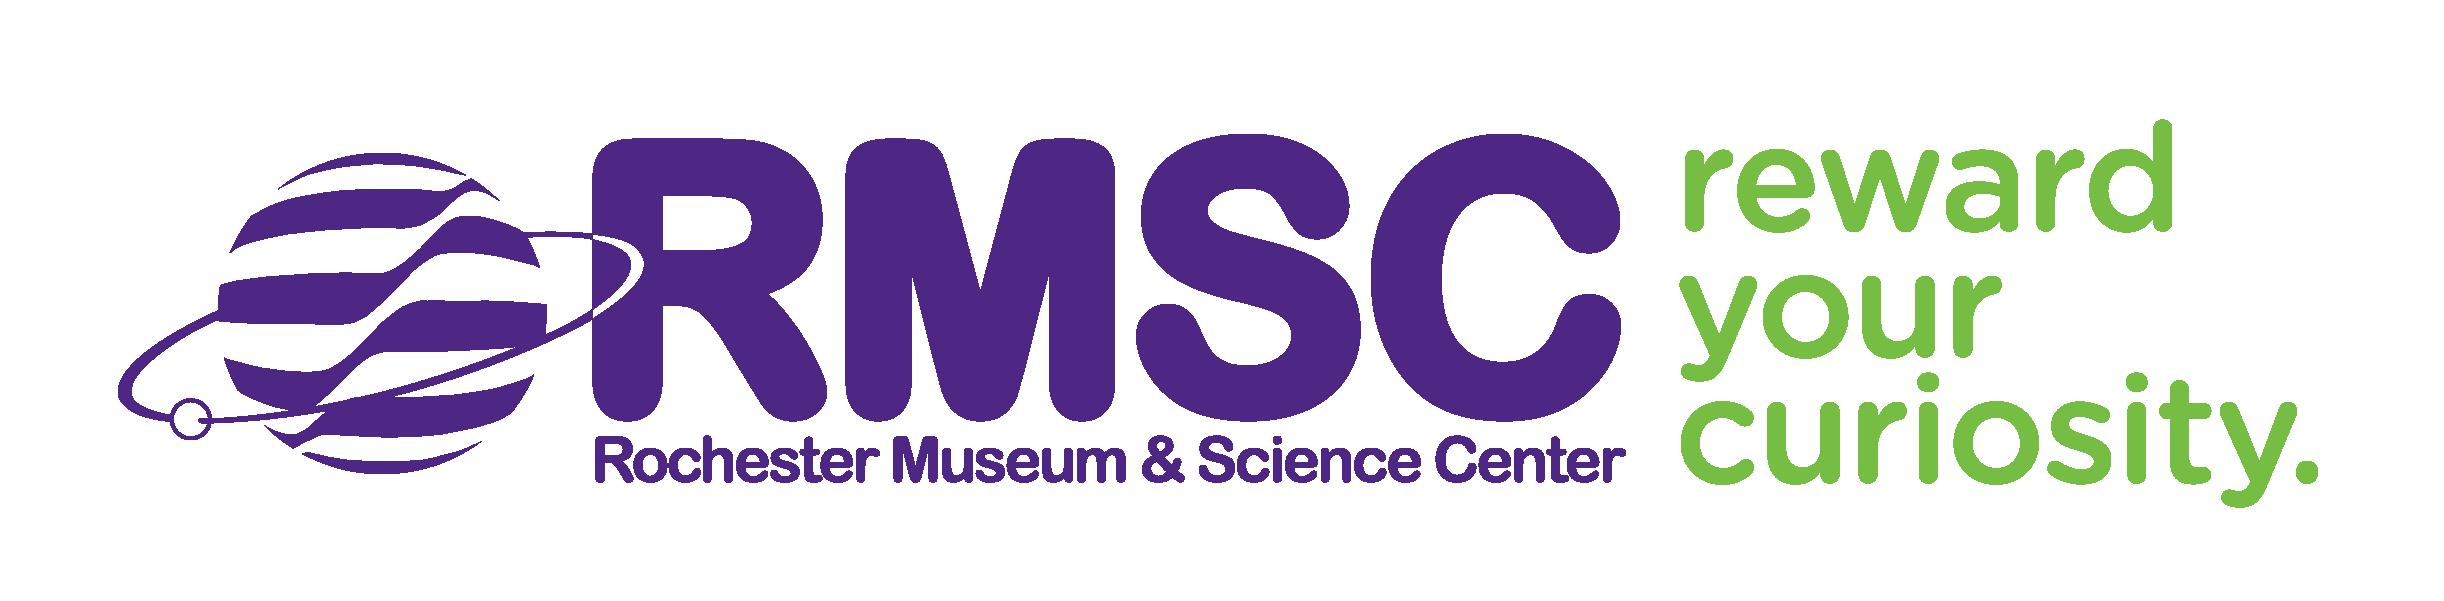 RMSC copy